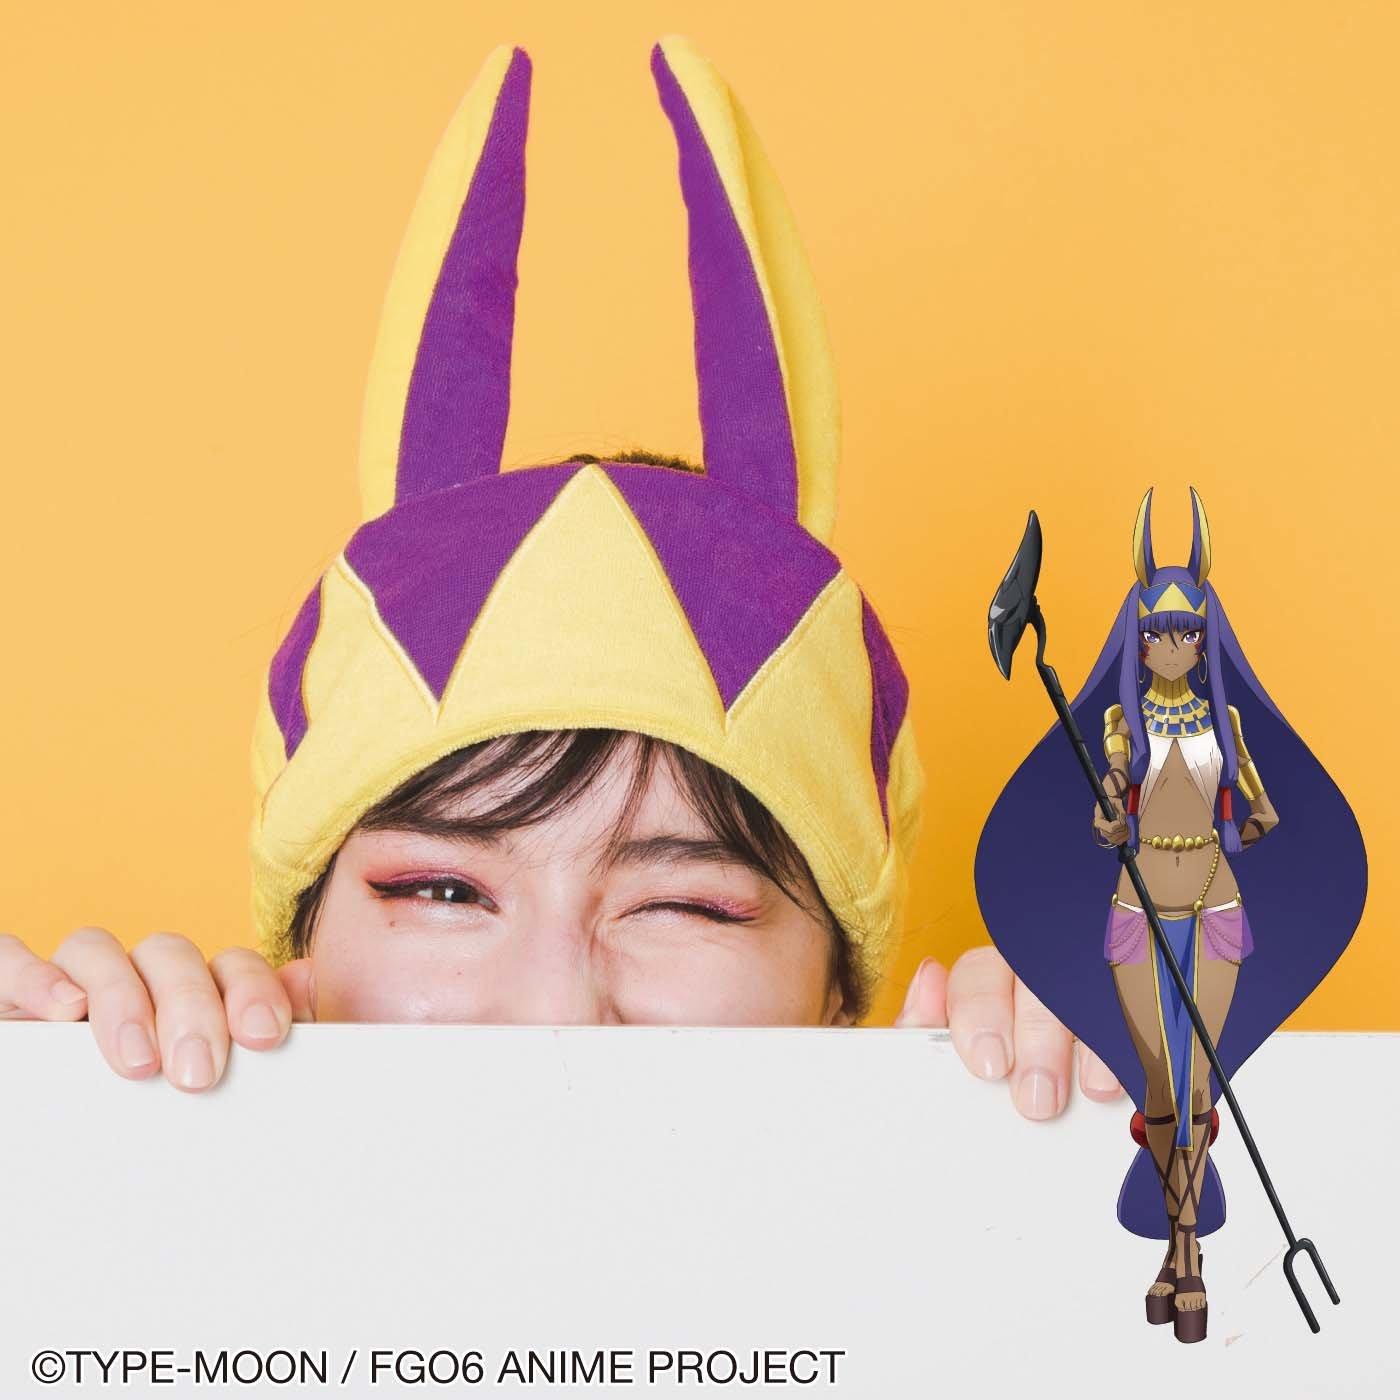 劇場版Fate/Grand Order-神聖円卓領域キャメロット- ニトクリス風ヘアバンド